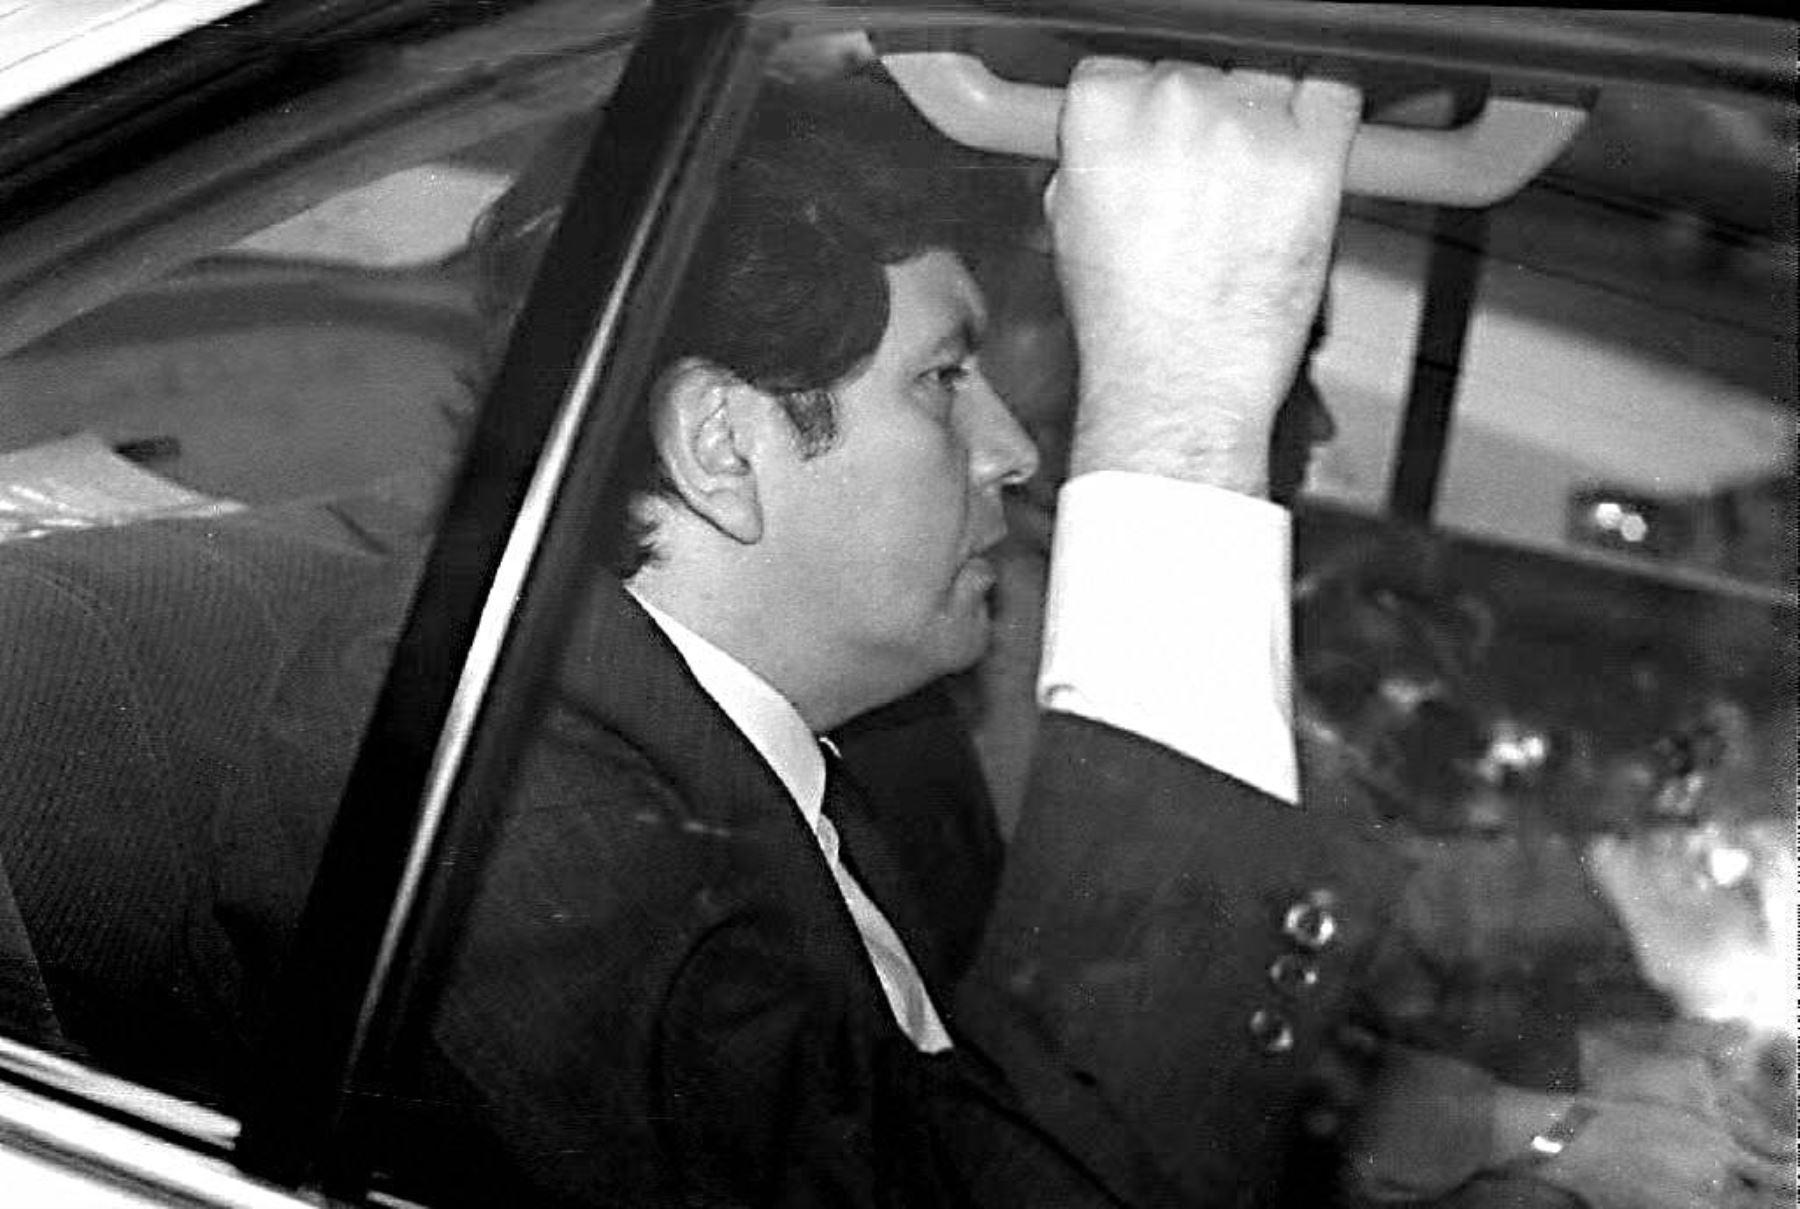 Esta foto de archivo del 02 de junio de 1999 muestra al ex presidente peruano Alan García, que abandona la Embajada de Colombia en su camino hacia el aeropuerto de Lima, Perú. A García le fue otorgado asilo político el 6 de agosto de 1999 por el gobierno colombiano. García acusó al gobierno peruano de persecución. Foto: AFP